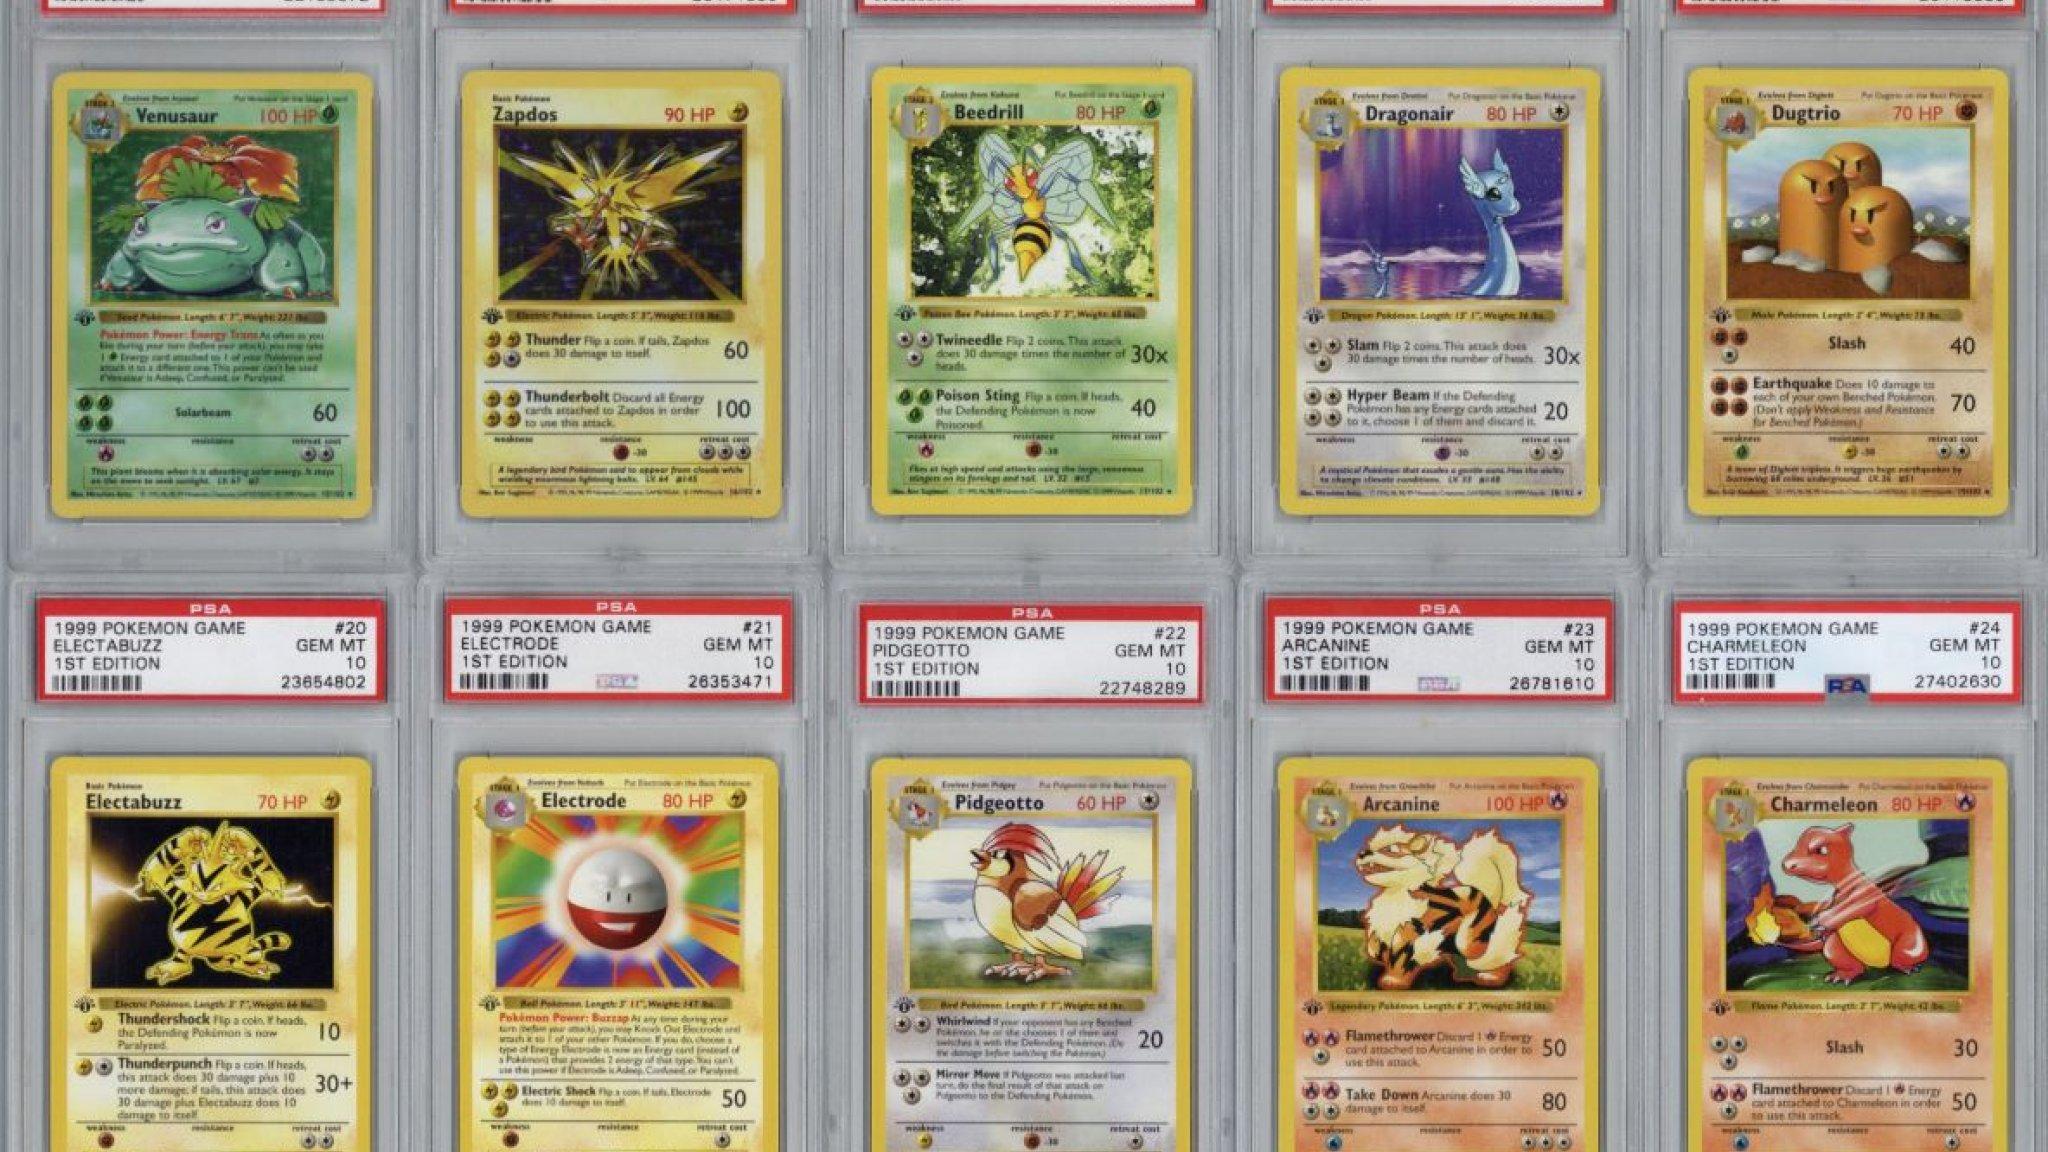 Verzameling Pokémonkaarten uit 1999 geveild voor 107.000 dollar